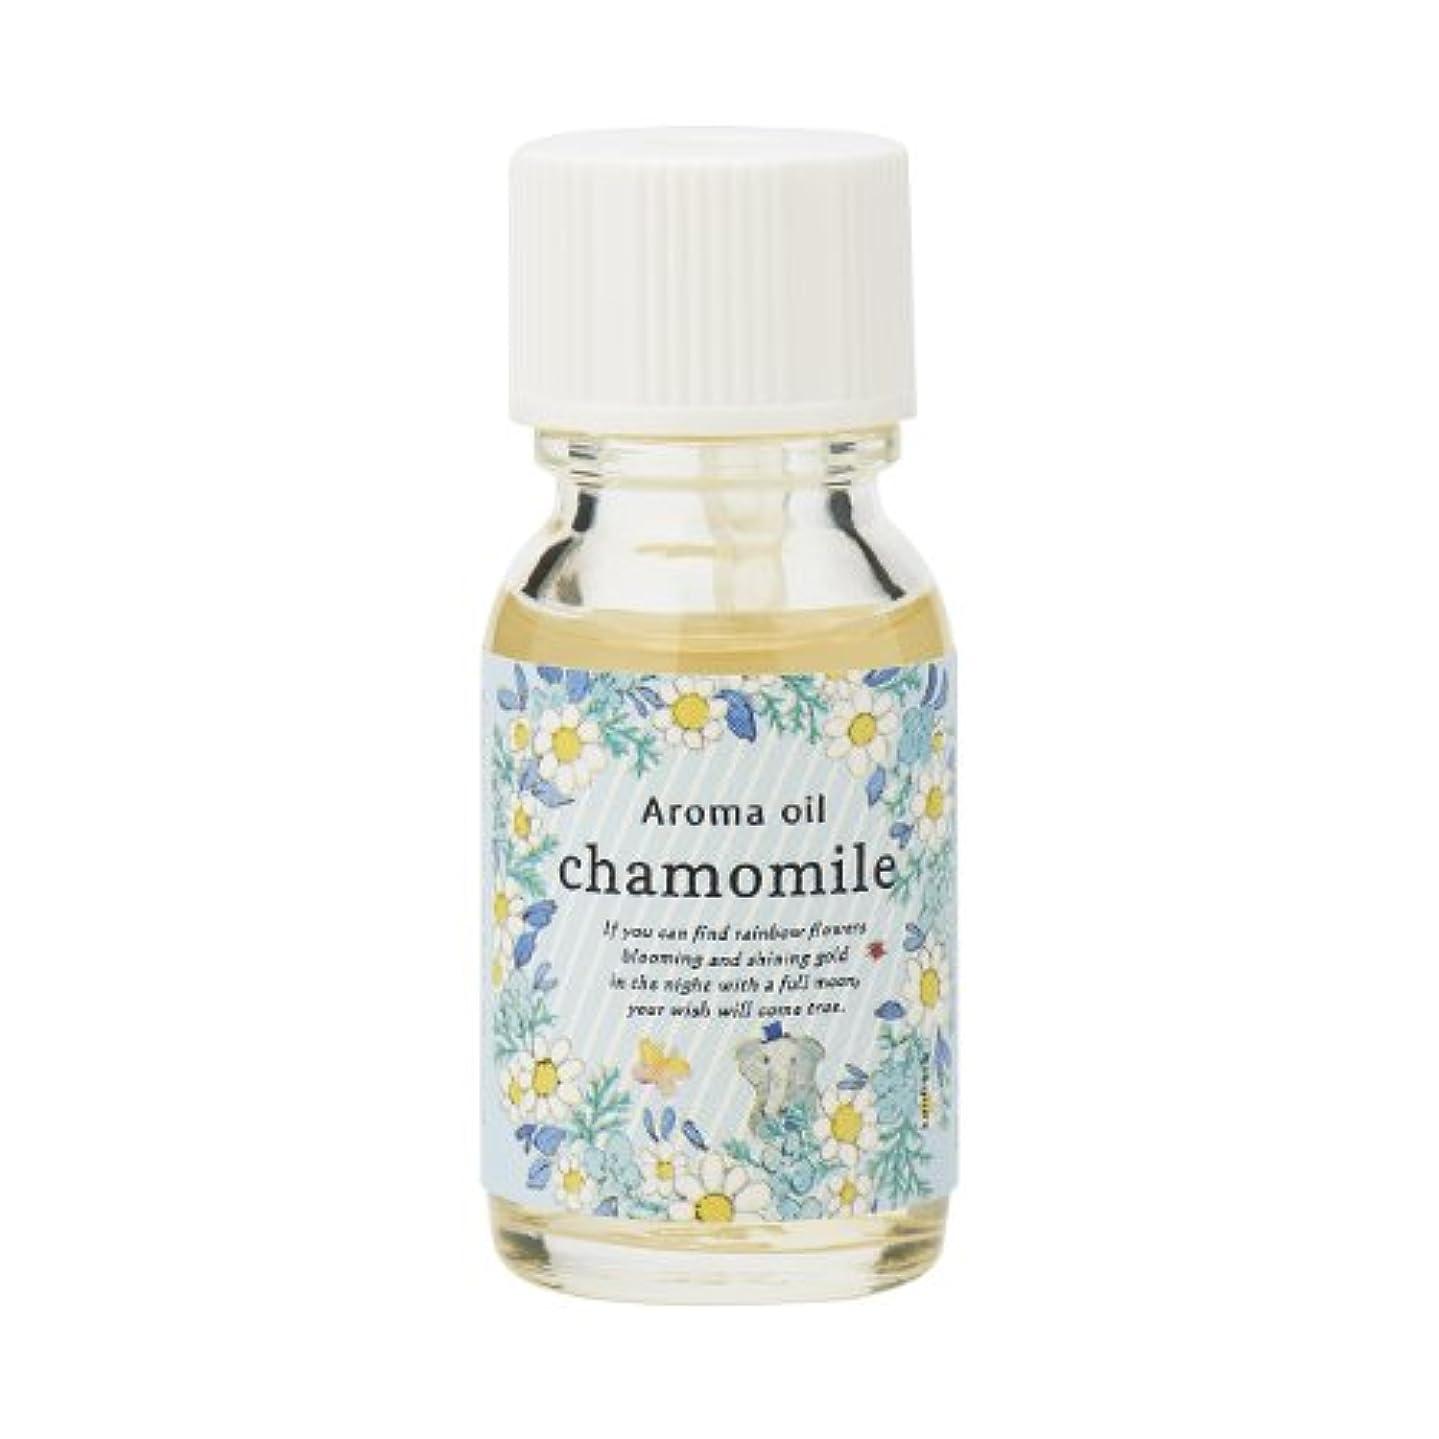 写真誇張ジェーンオースティンサンハーブ アロマオイル カモマイル 13ml(やさしく穏やかな甘い香り)